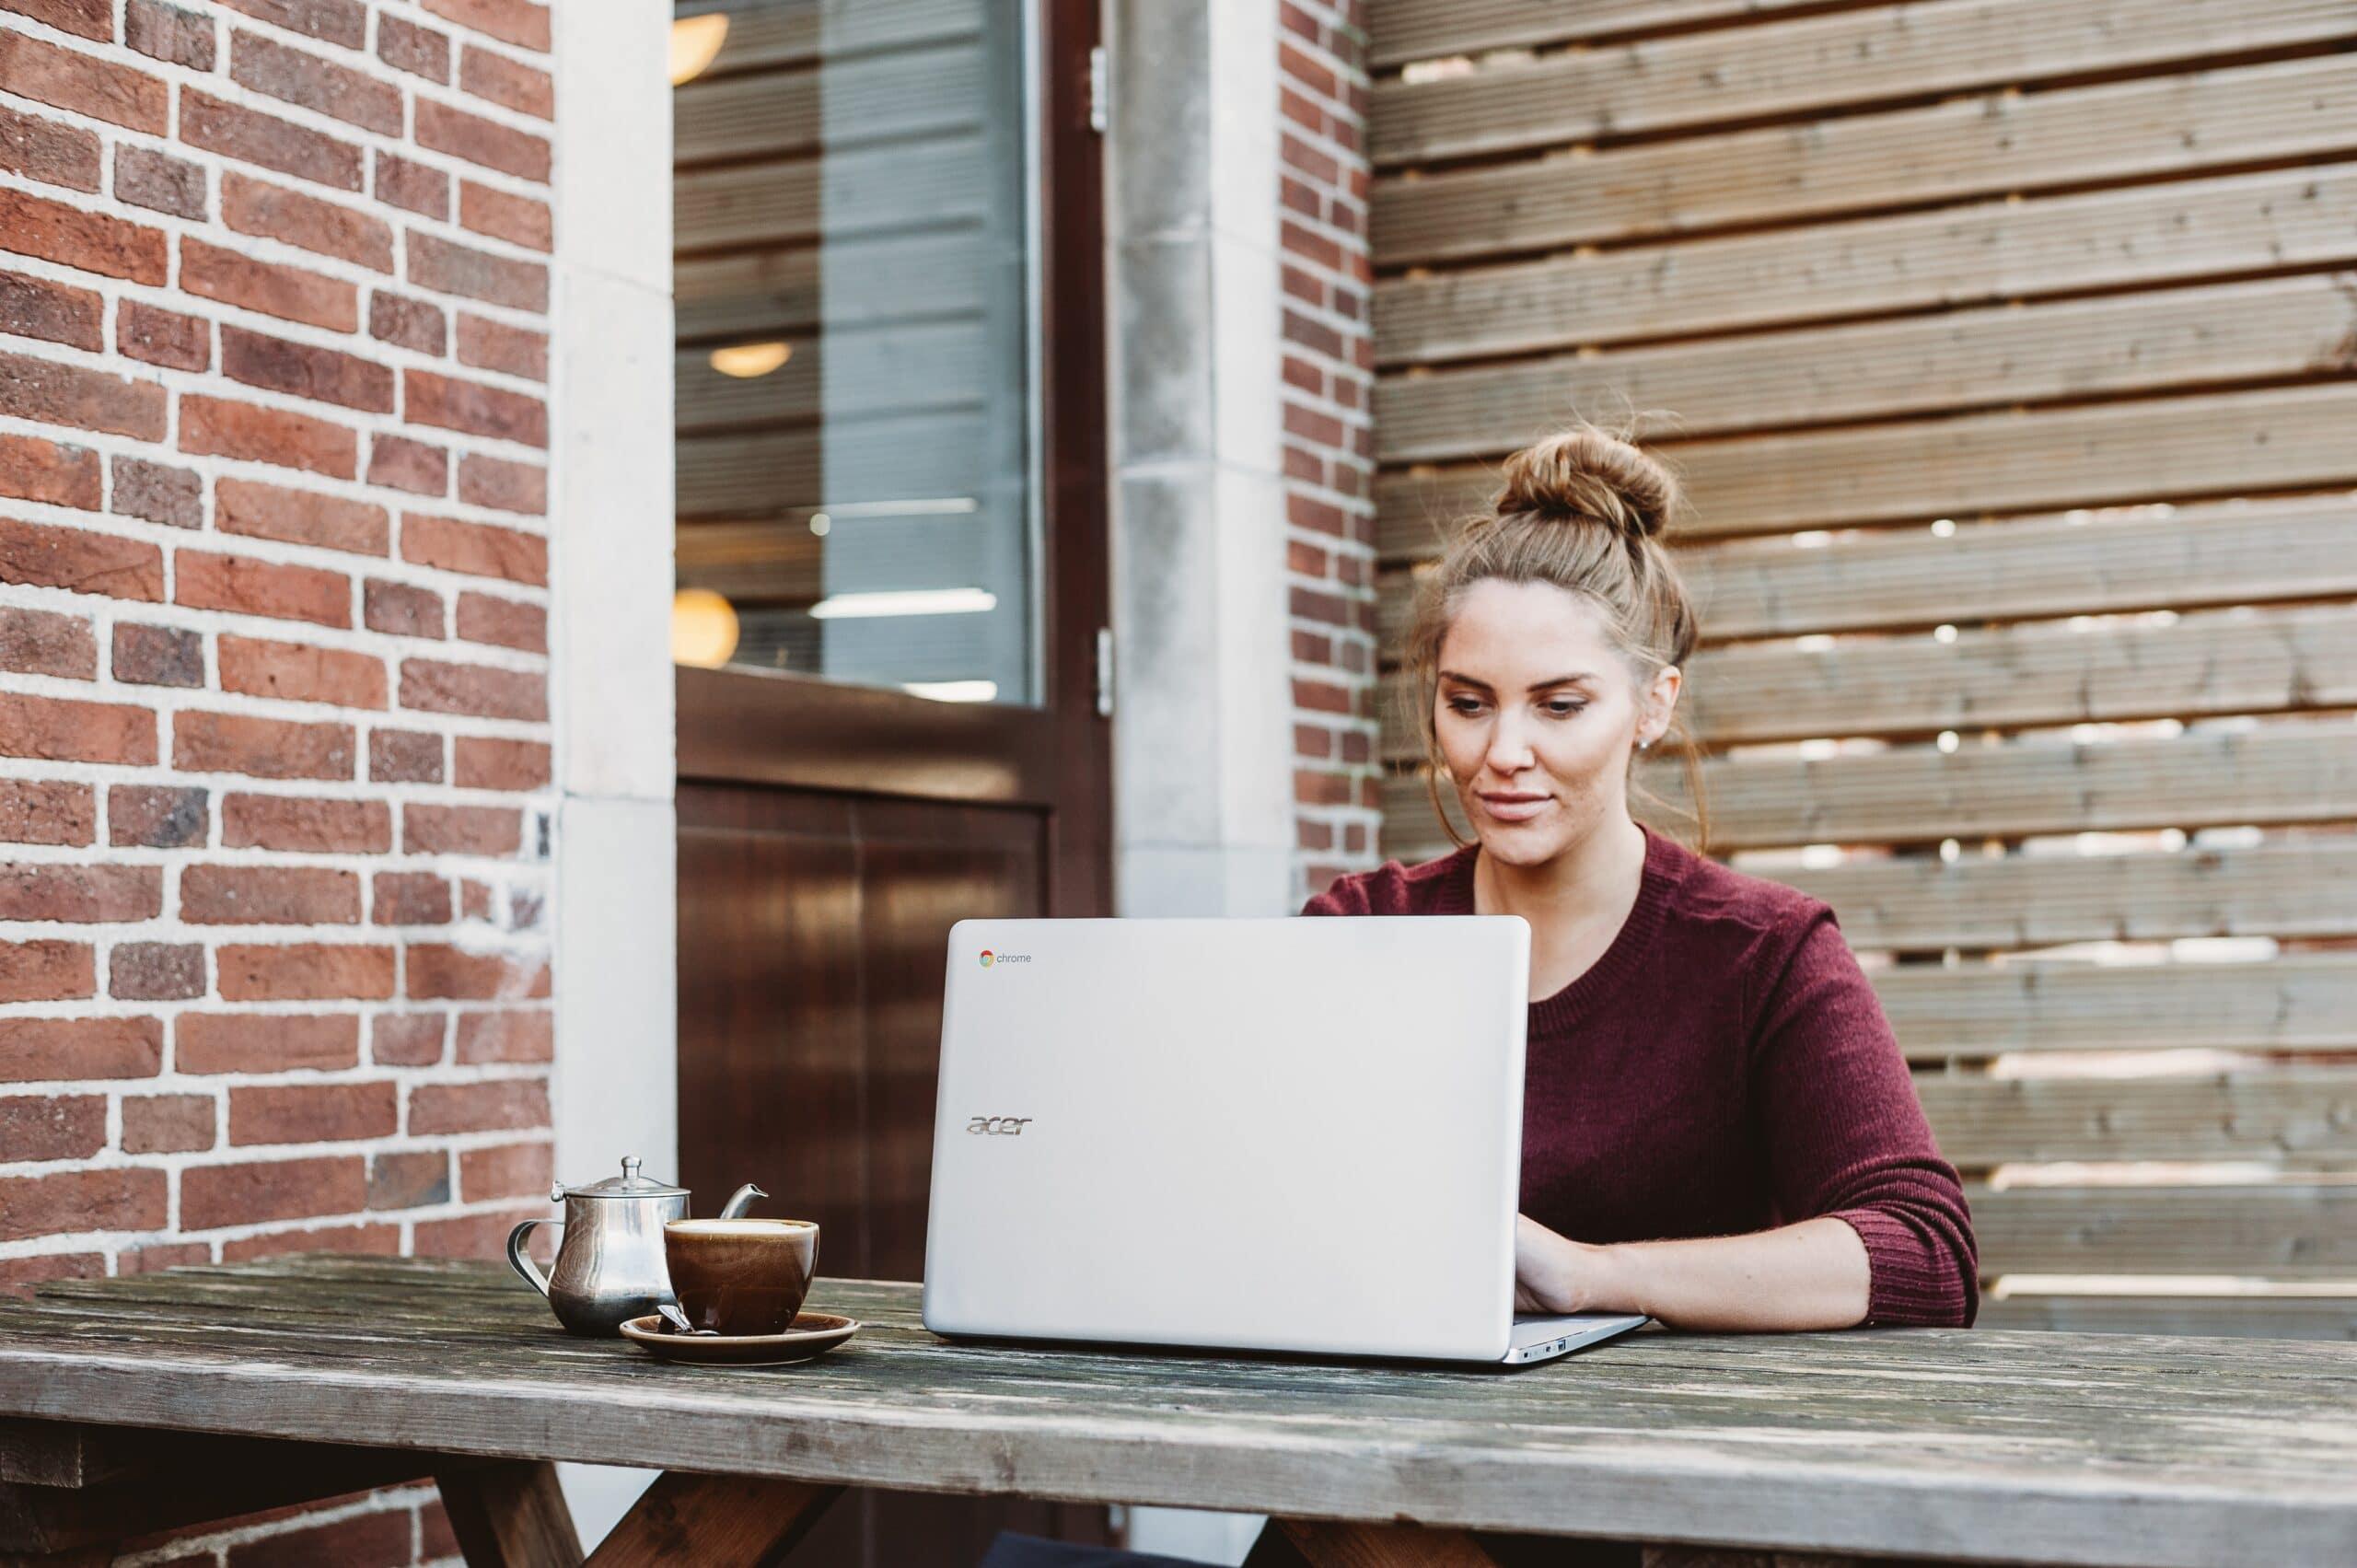 Green Days Acer: sconti su notebook e accessori per celebare la Giornata della Terra thumbnail